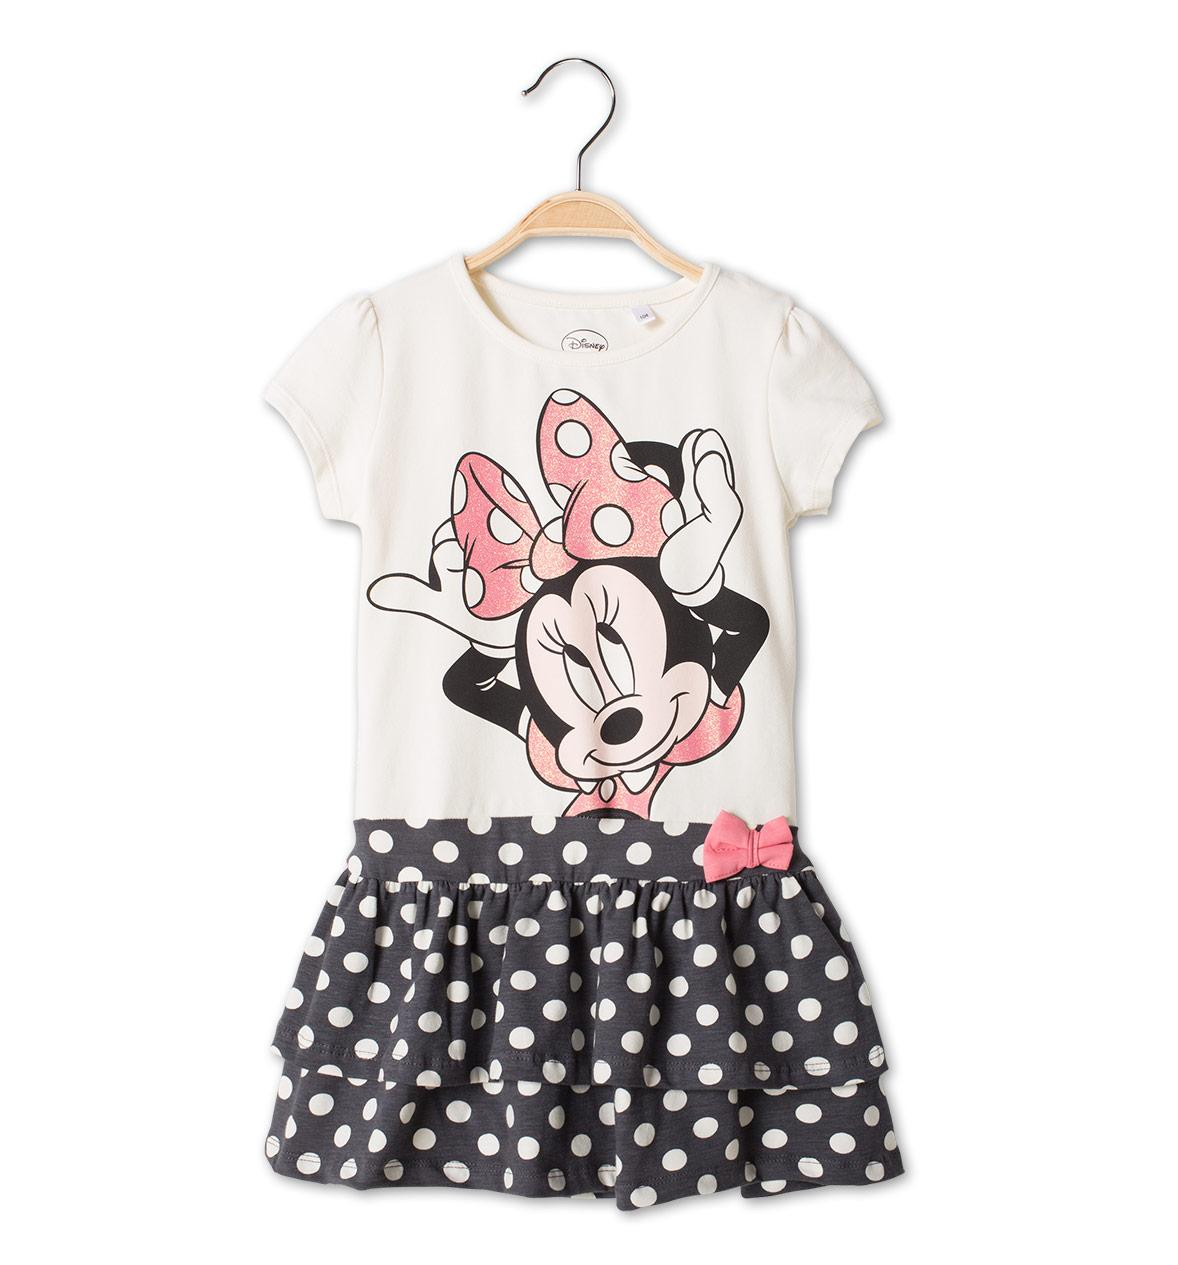 Очень красивое платье на девочку с Minnie Mouse от C&A Германия Размер 128